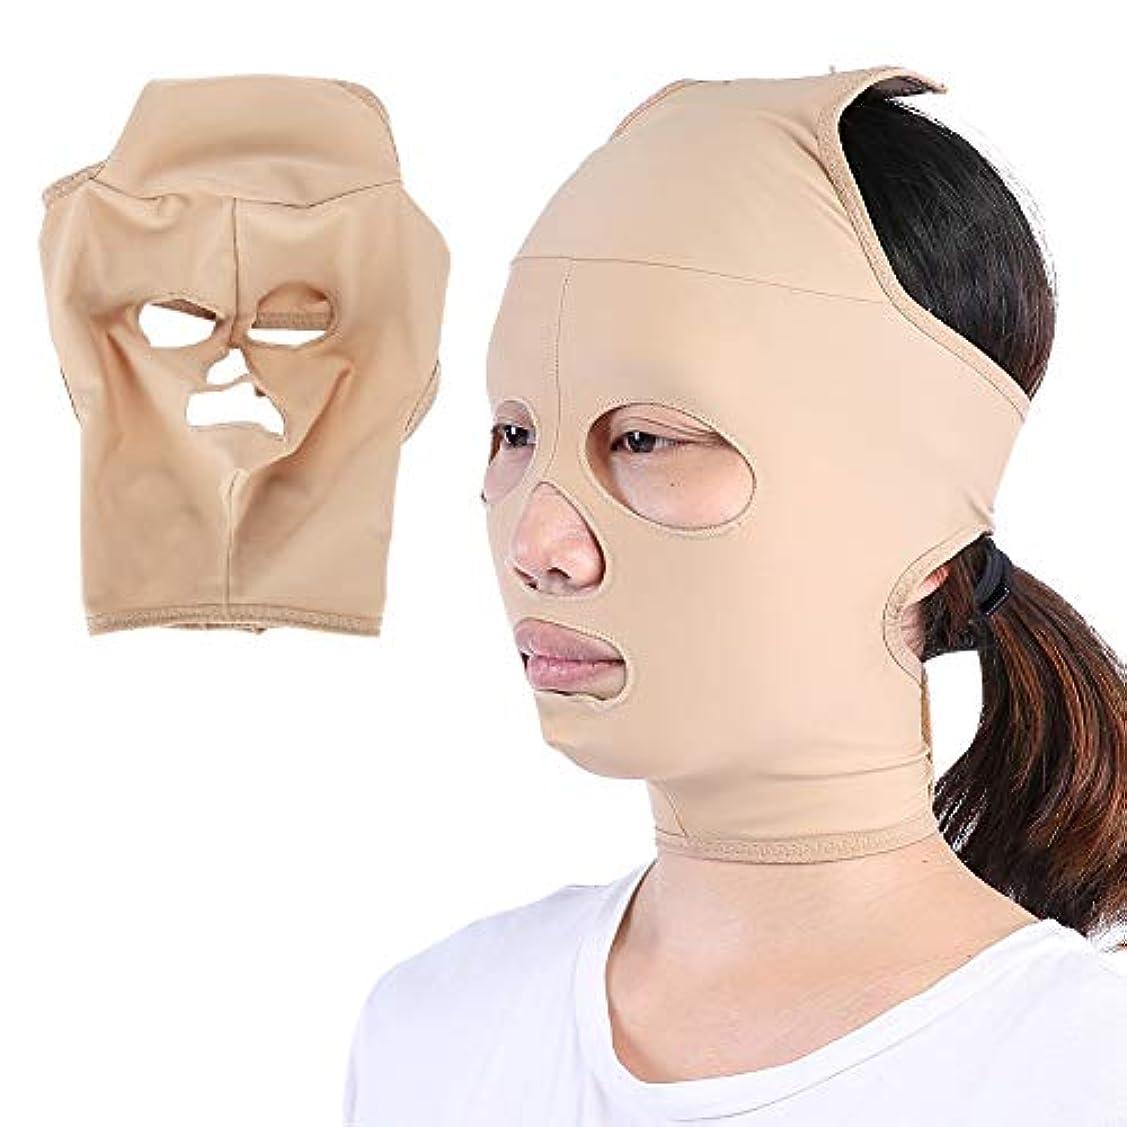 クレデンシャル達成表面顔の减量のベルト、完全なカバレッジ 顔のVラインを向上させる 二重顎を減らす二重顎、スキンケア包帯(XL)